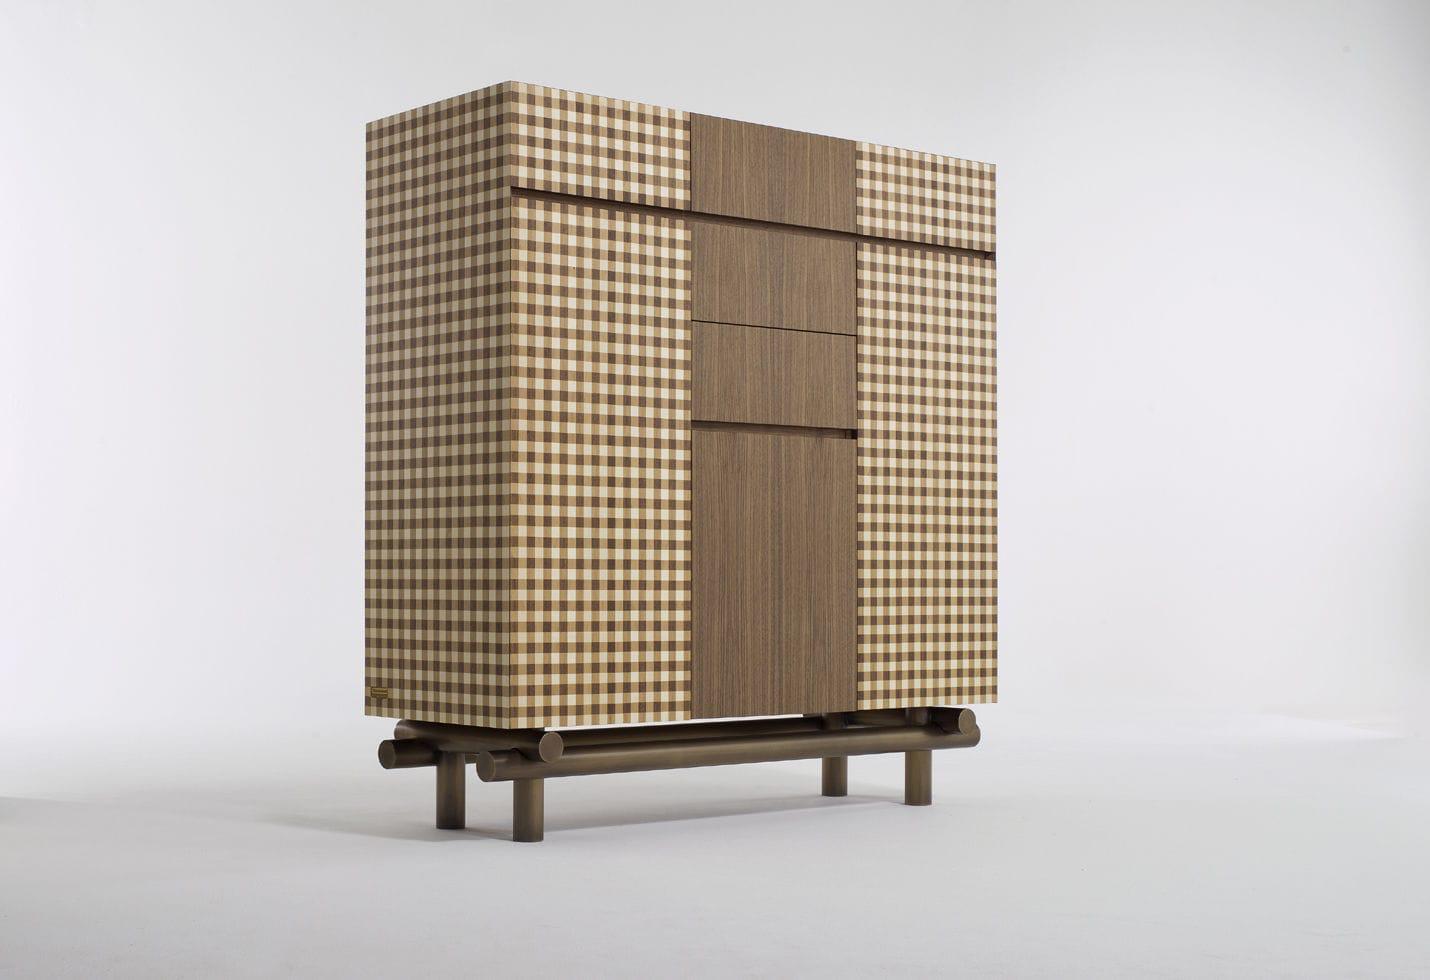 Credenza Rustica Prezzi : Credenza alta classica in legno di ferruccio laviani